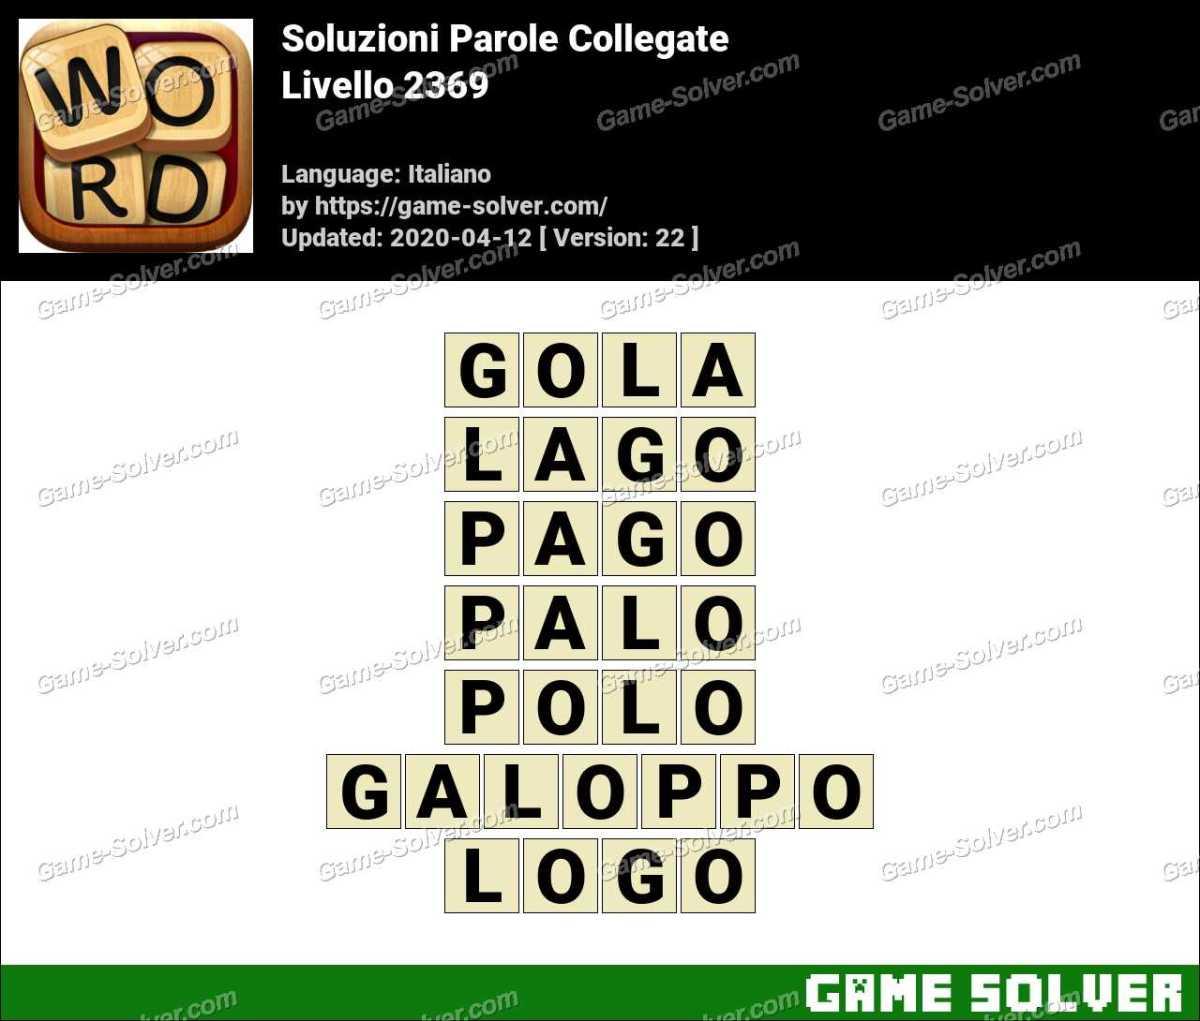 Soluzioni Parole Collegate Livello 2369